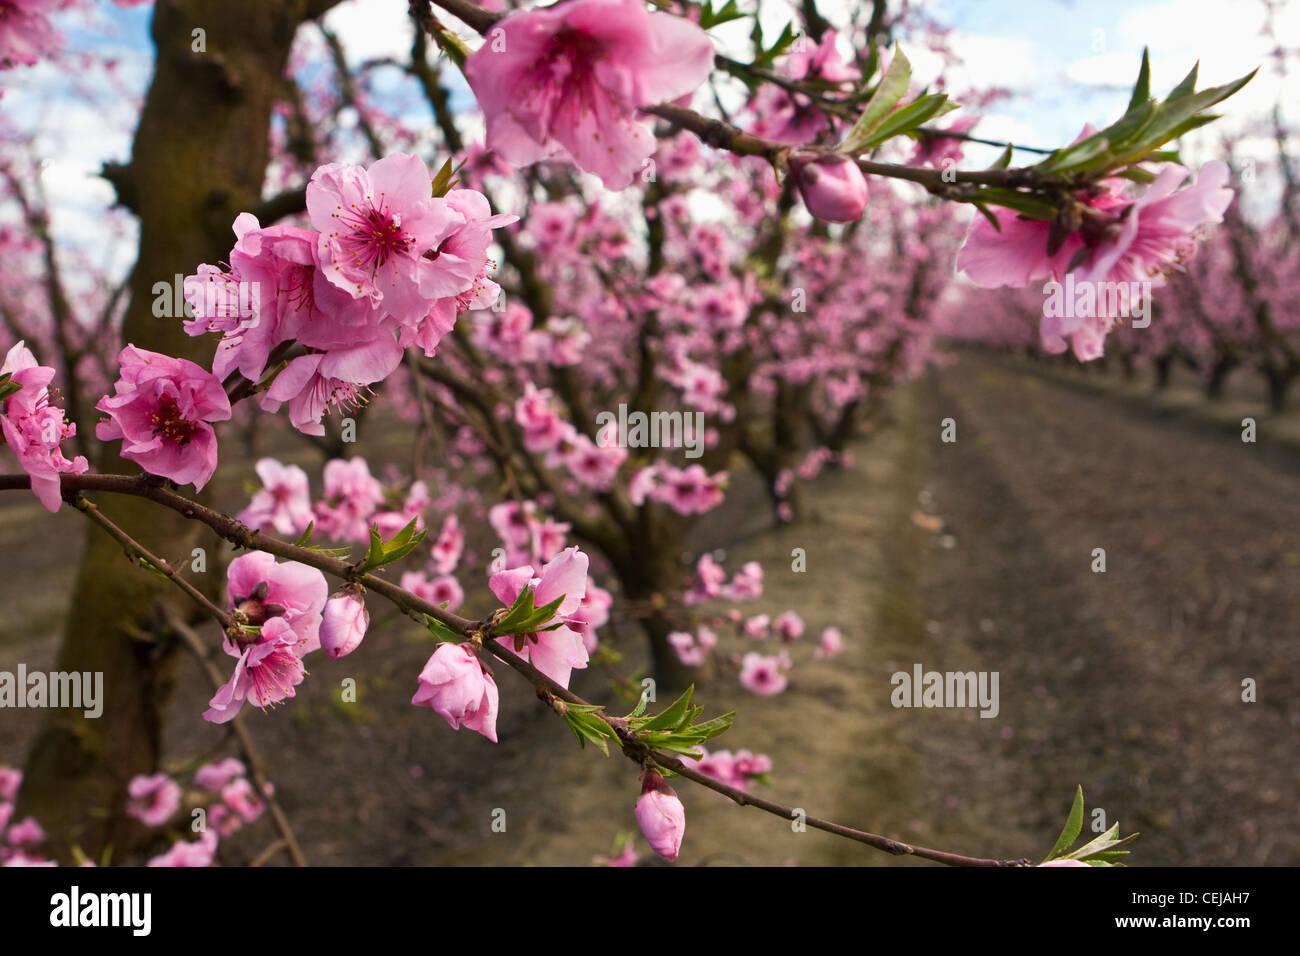 Landwirtschaft - Nahaufnahme der Pfirsich blüht in voller Blüte-Phase mit der Obstgarten im Hintergrund Stockbild